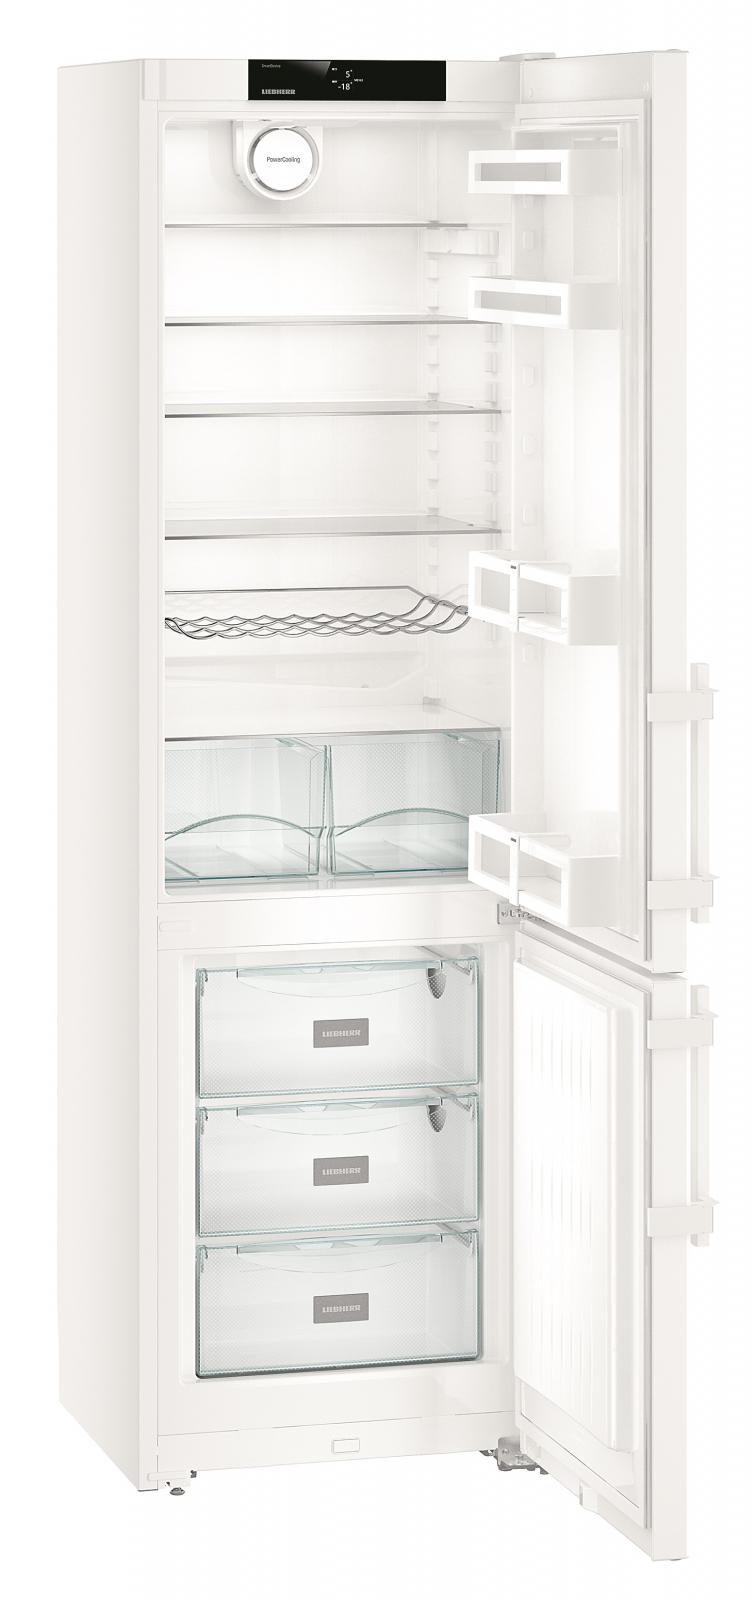 купить Двухкамерный холодильник Liebherr C 4025 Украина фото 6